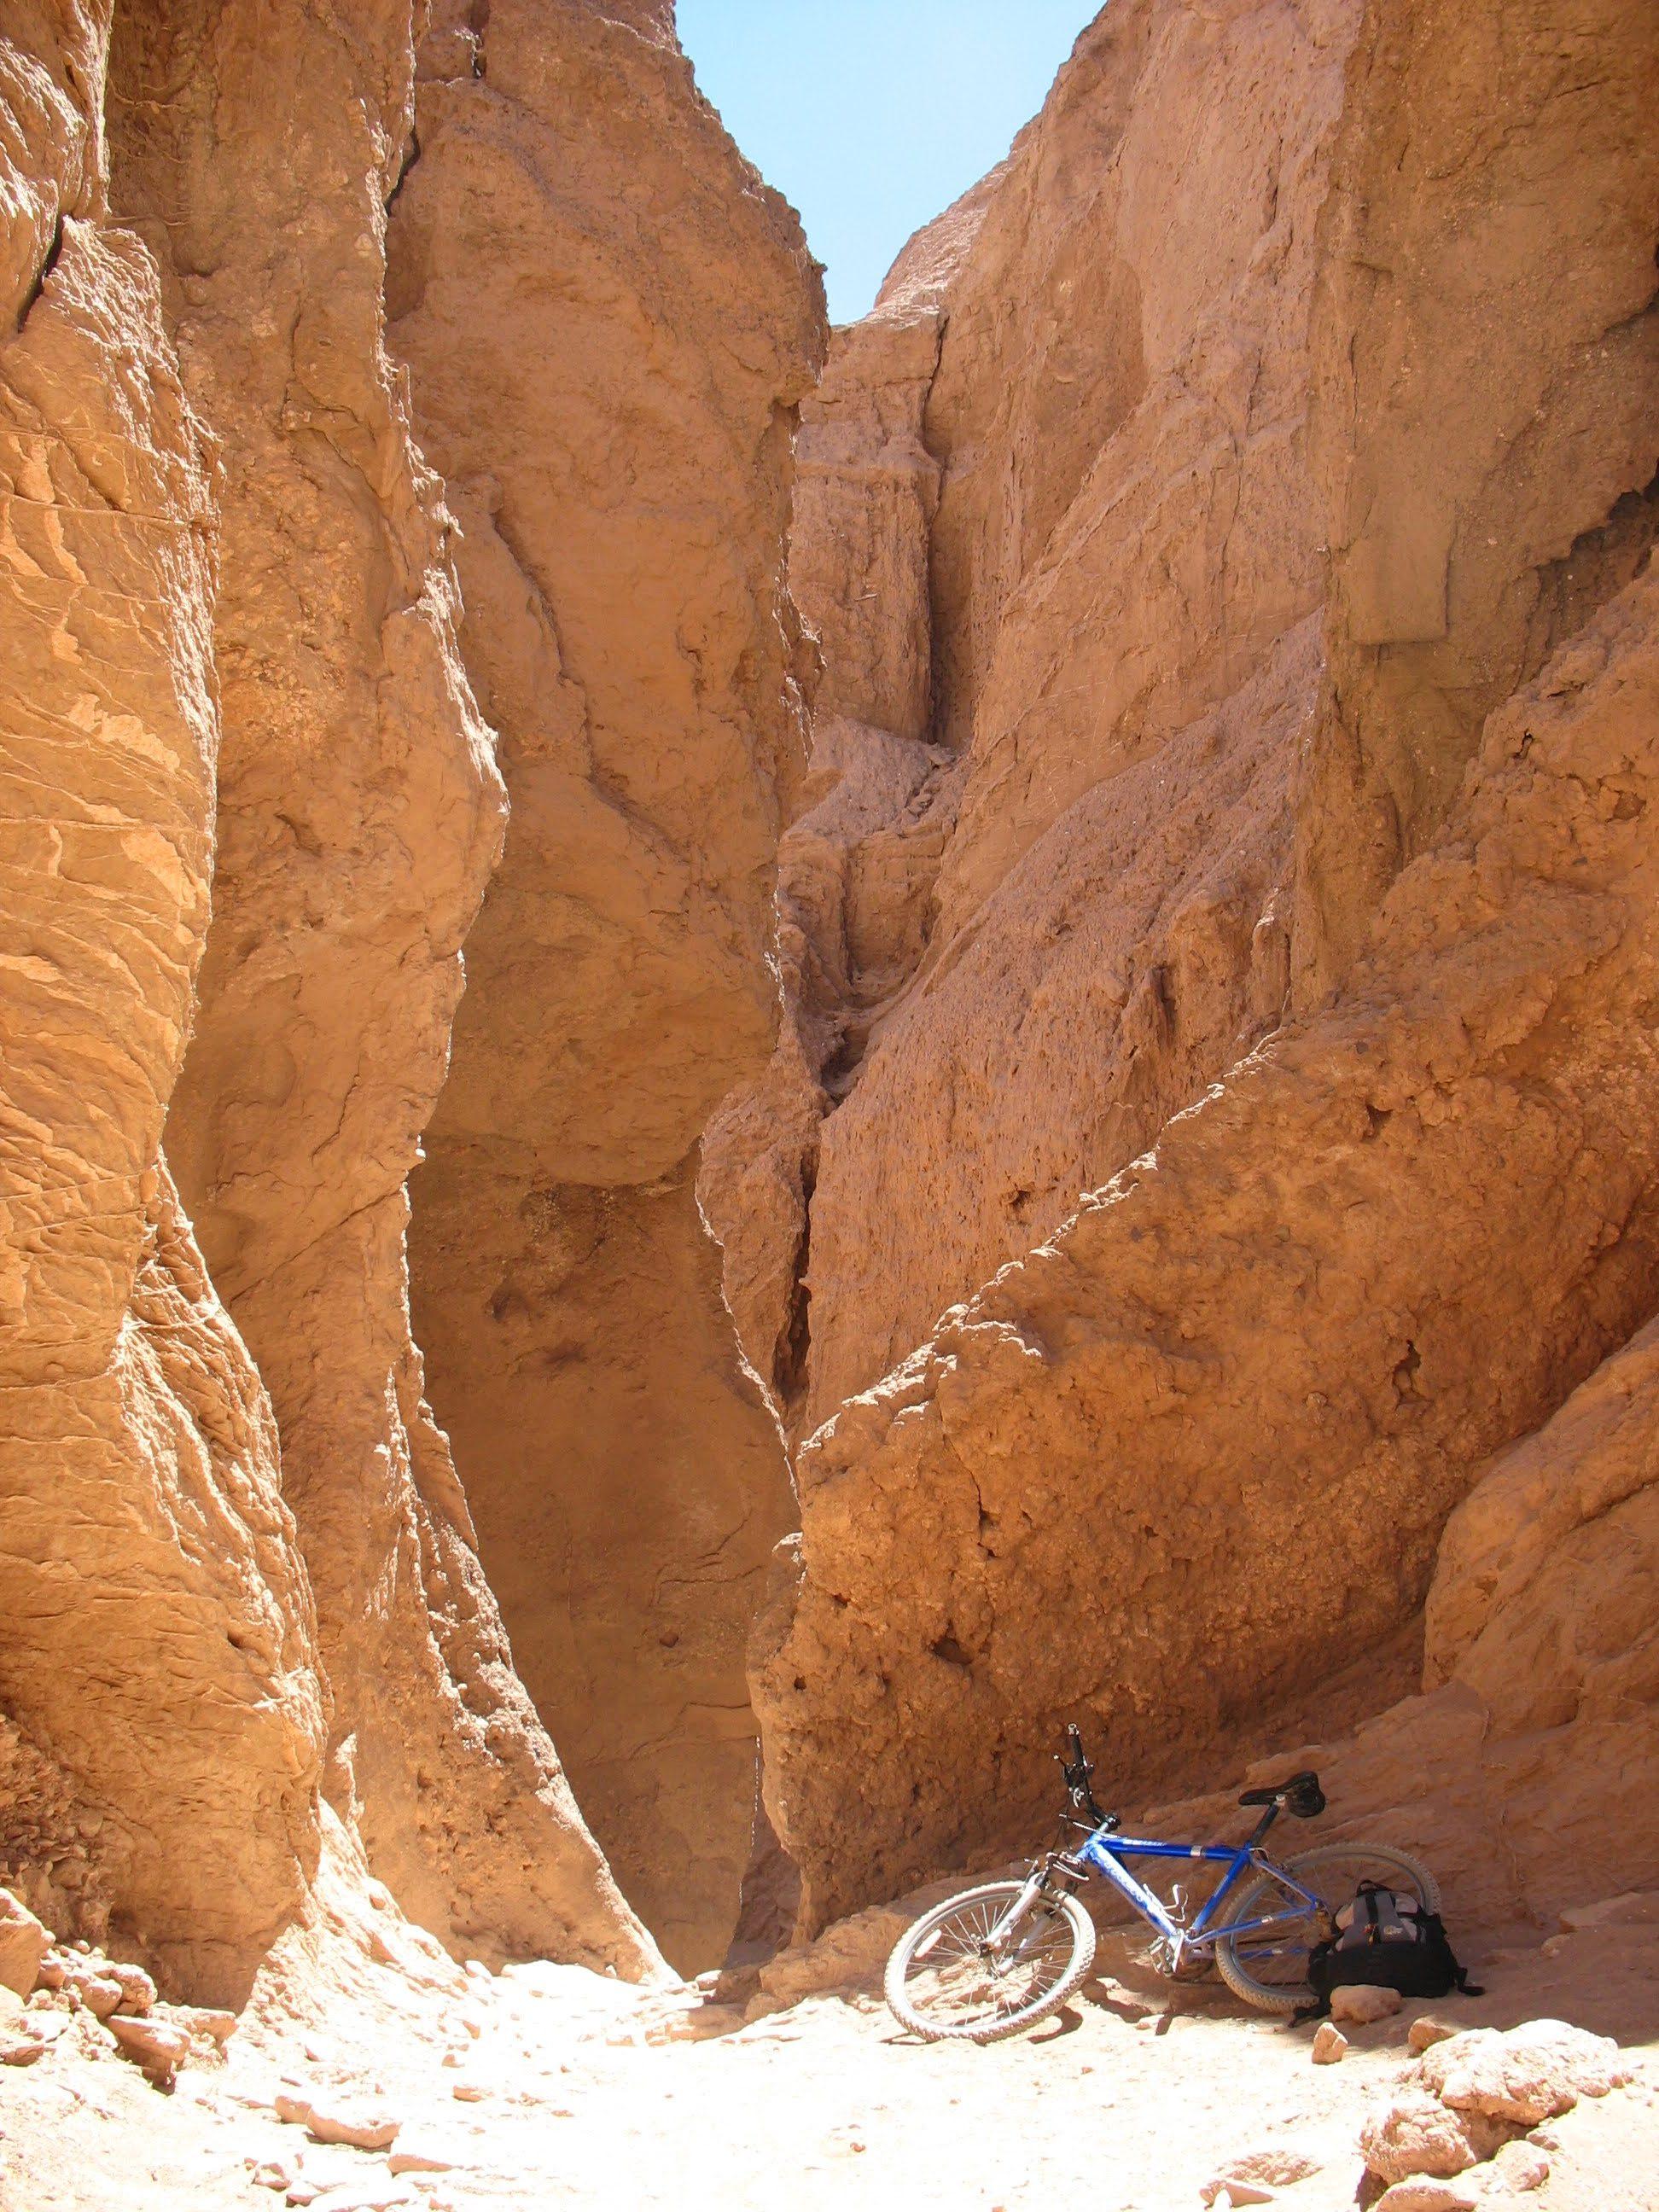 Chile San Pedro Atacama - Biking Devil's Throat - Tulor